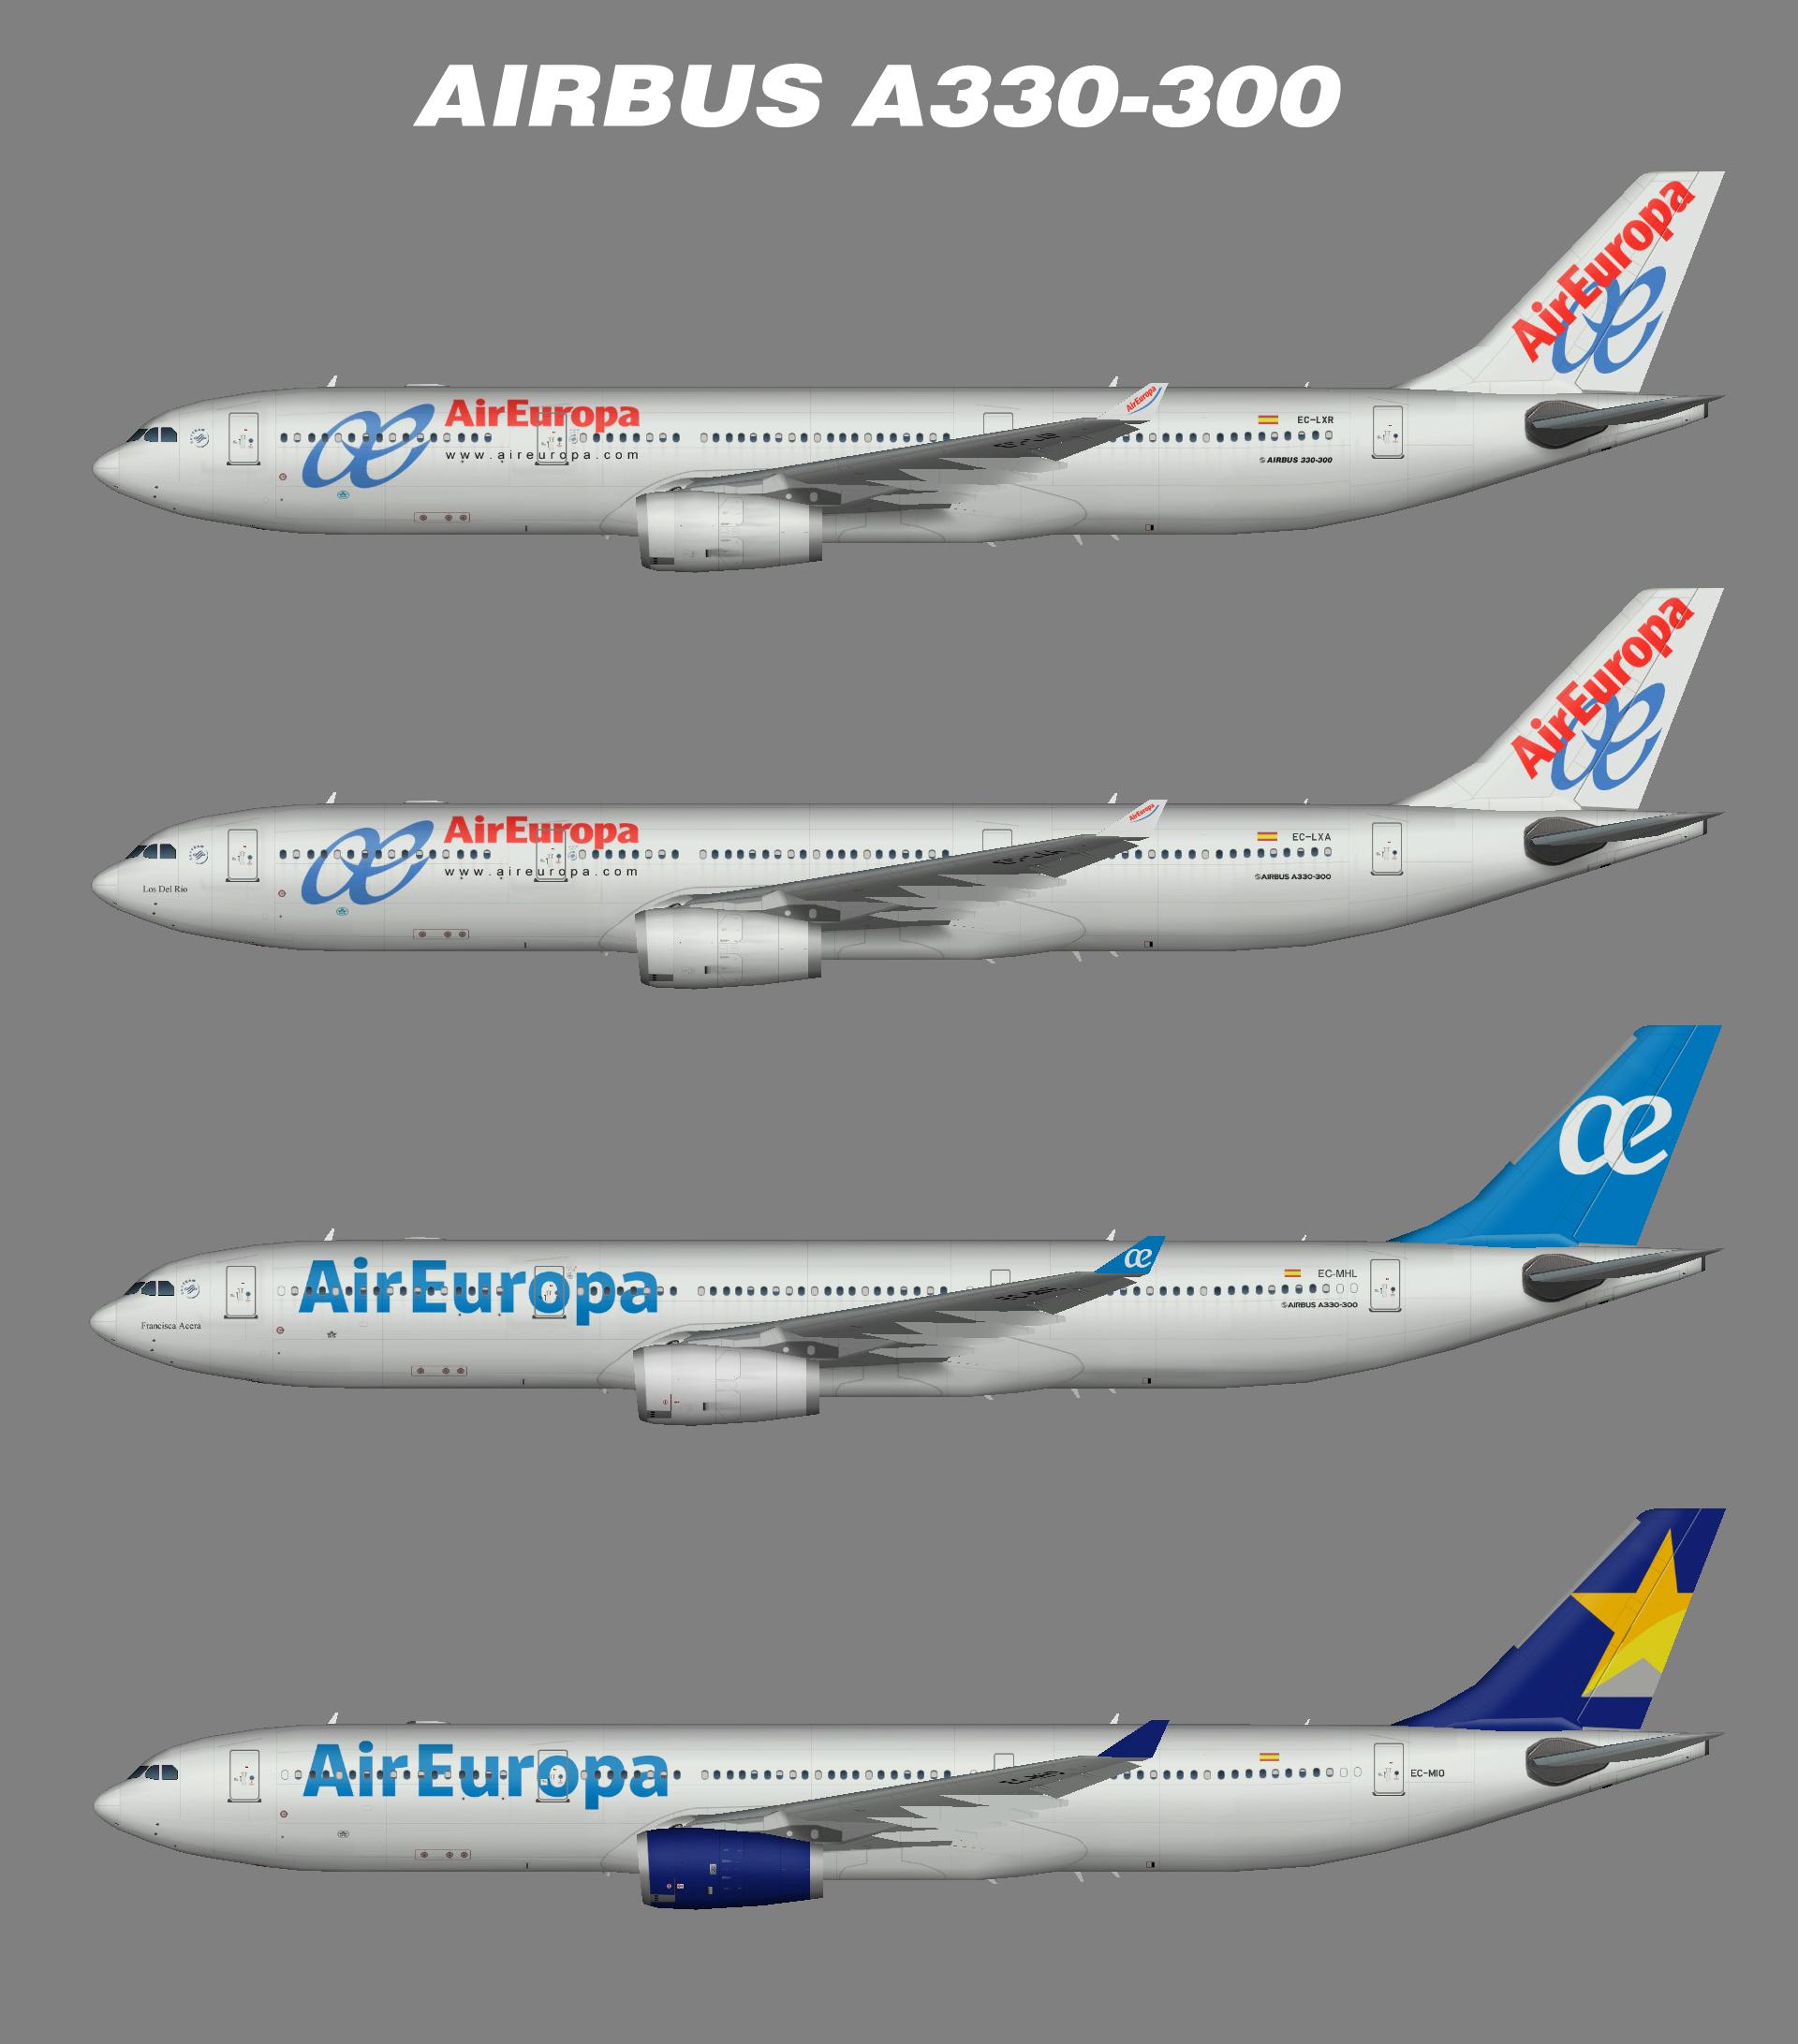 Air Europa A330-300